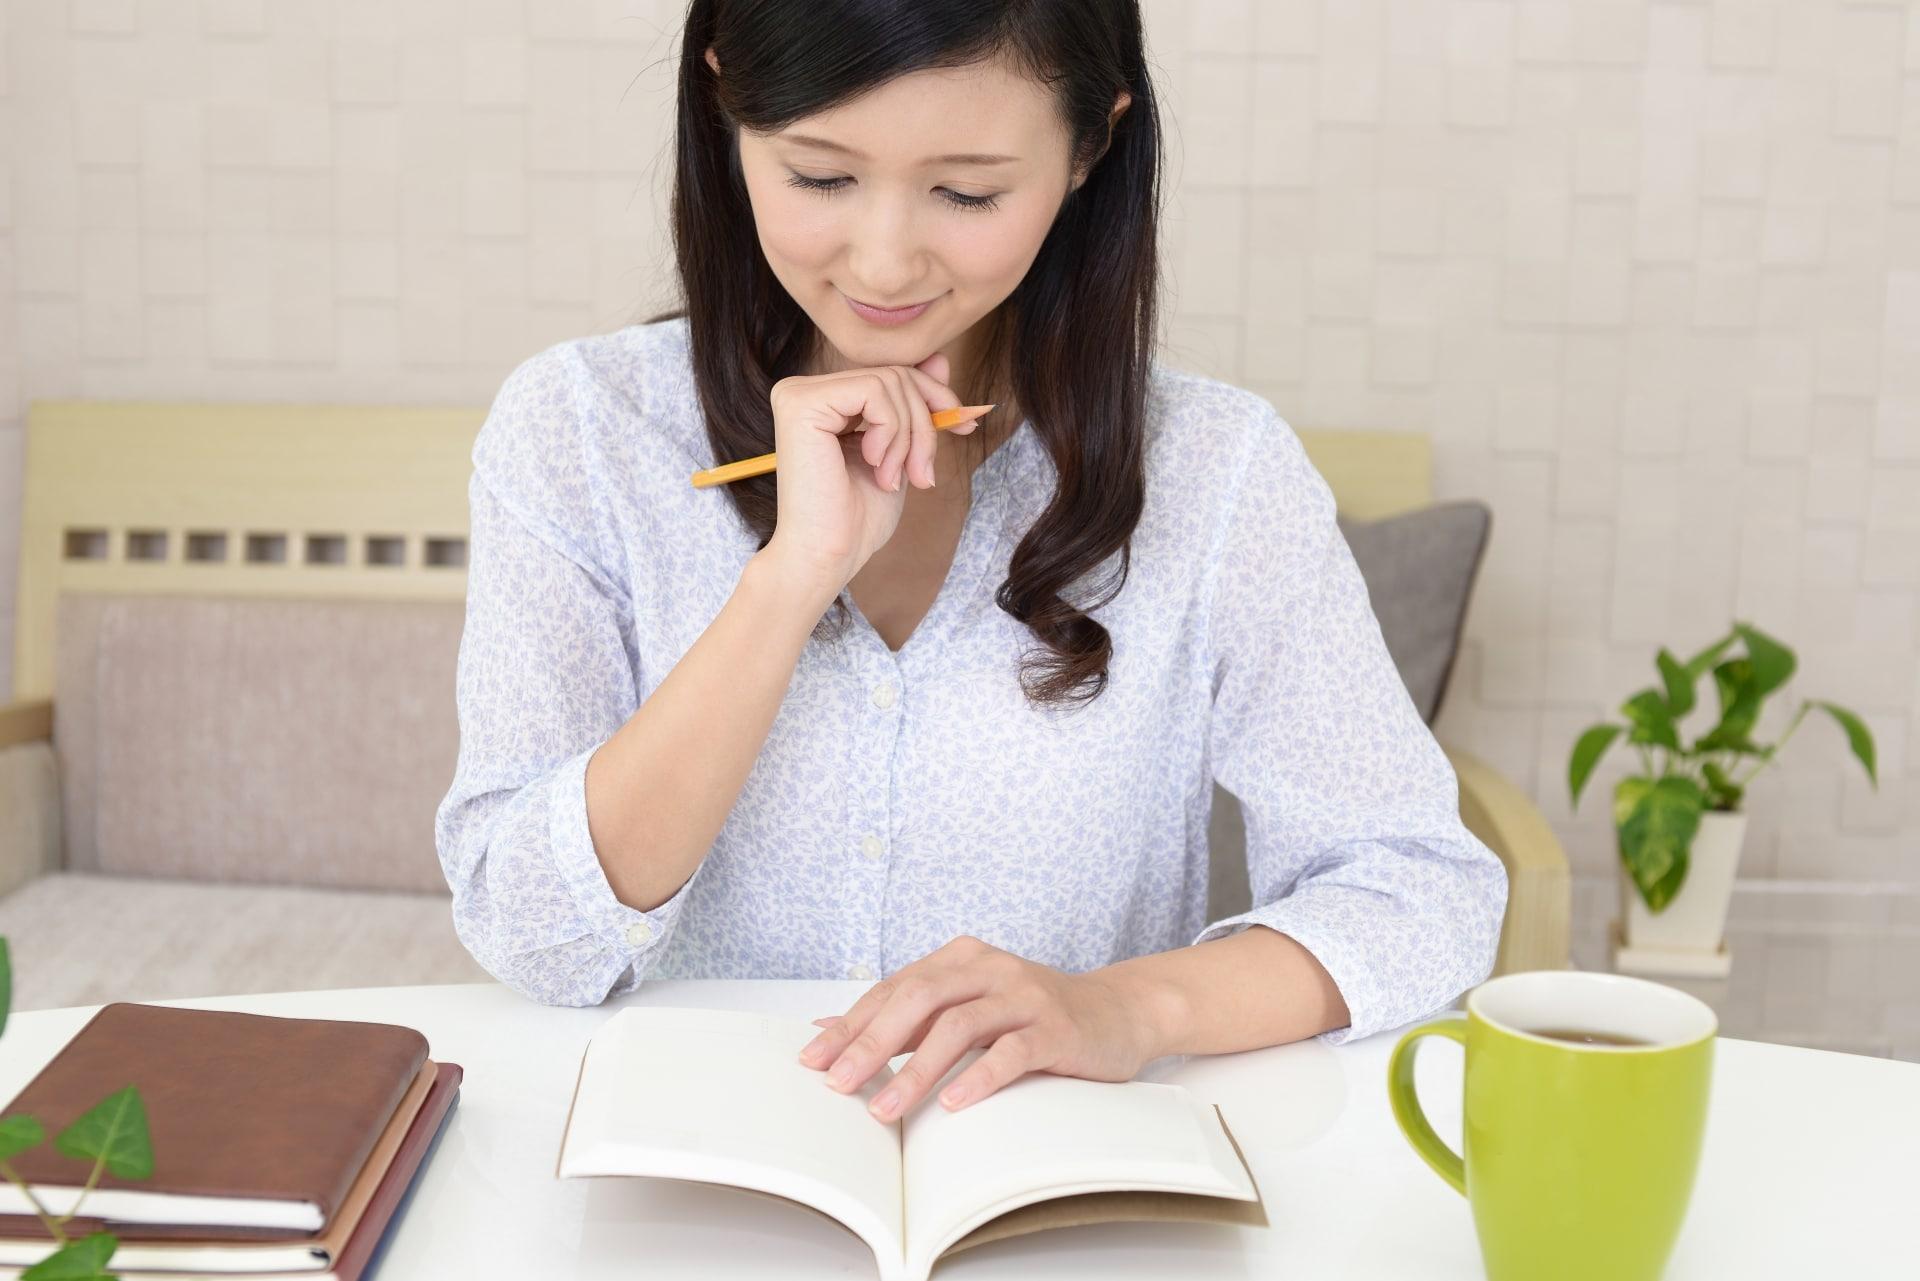 女性、ノート